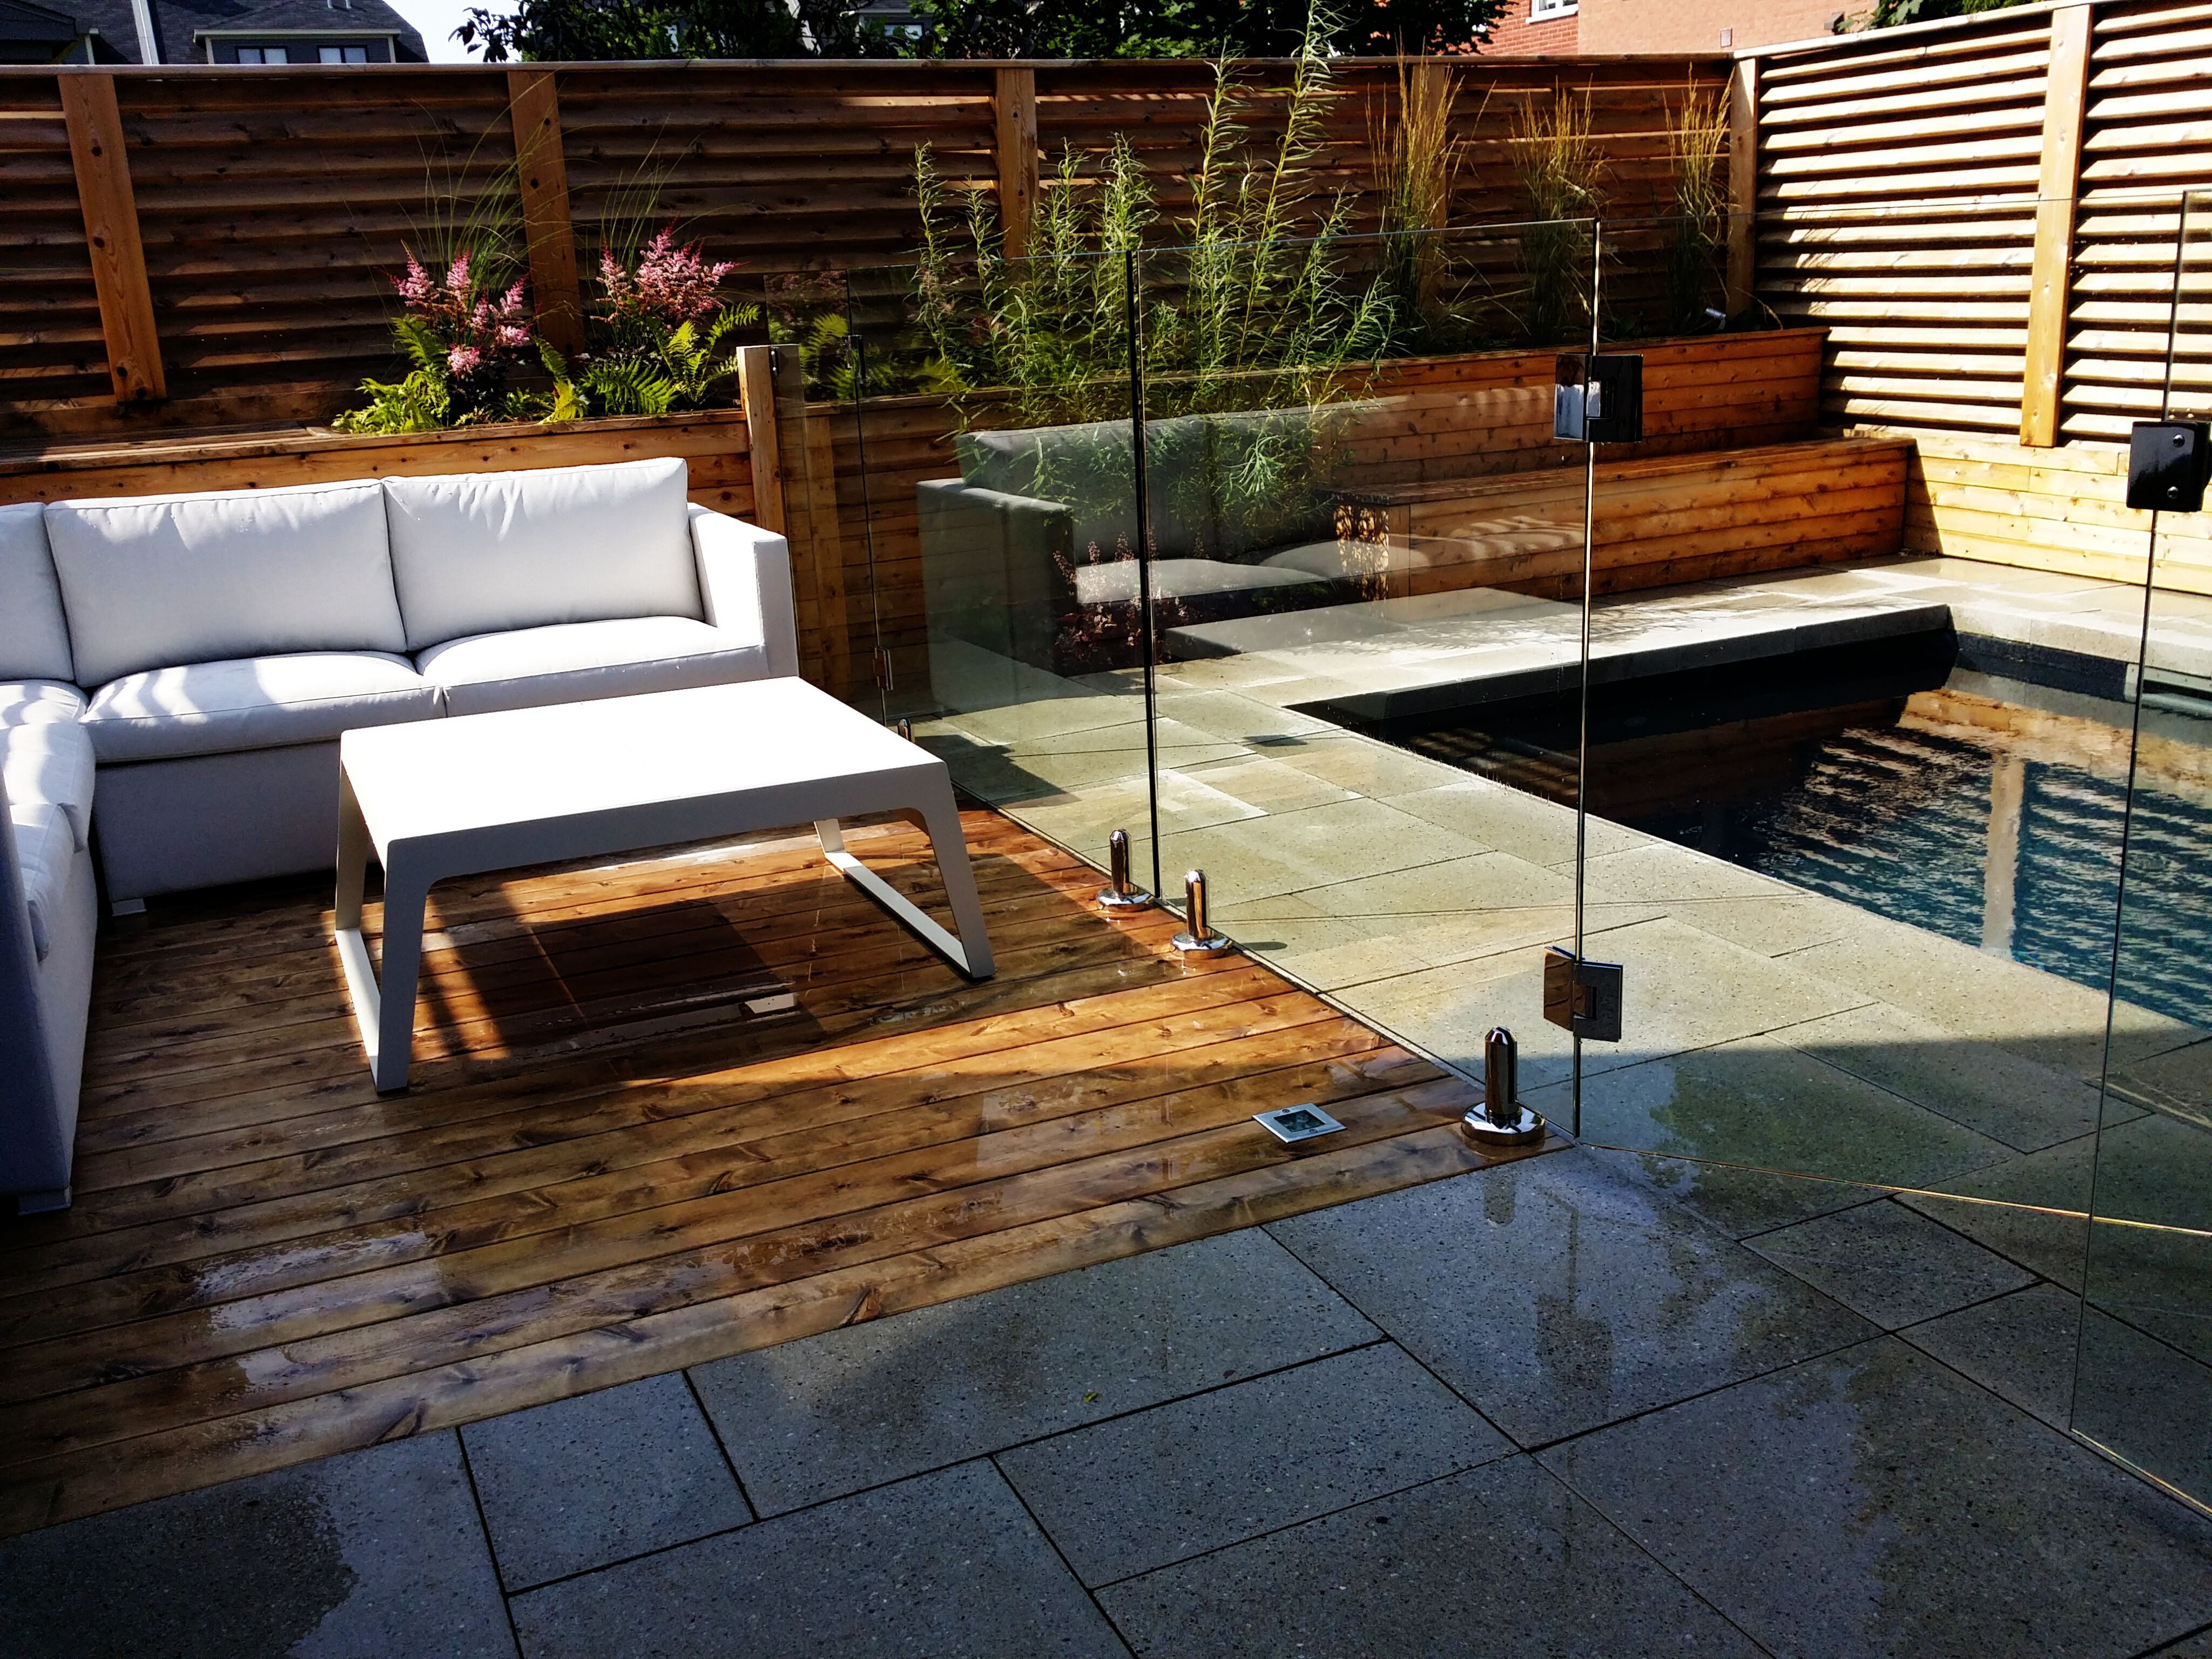 Terrasse en bois de c dre avec lumi res encastr es cran de bois de c dre mobilier d 39 ext rieur - Amenagement exterieur piscine creusee ...